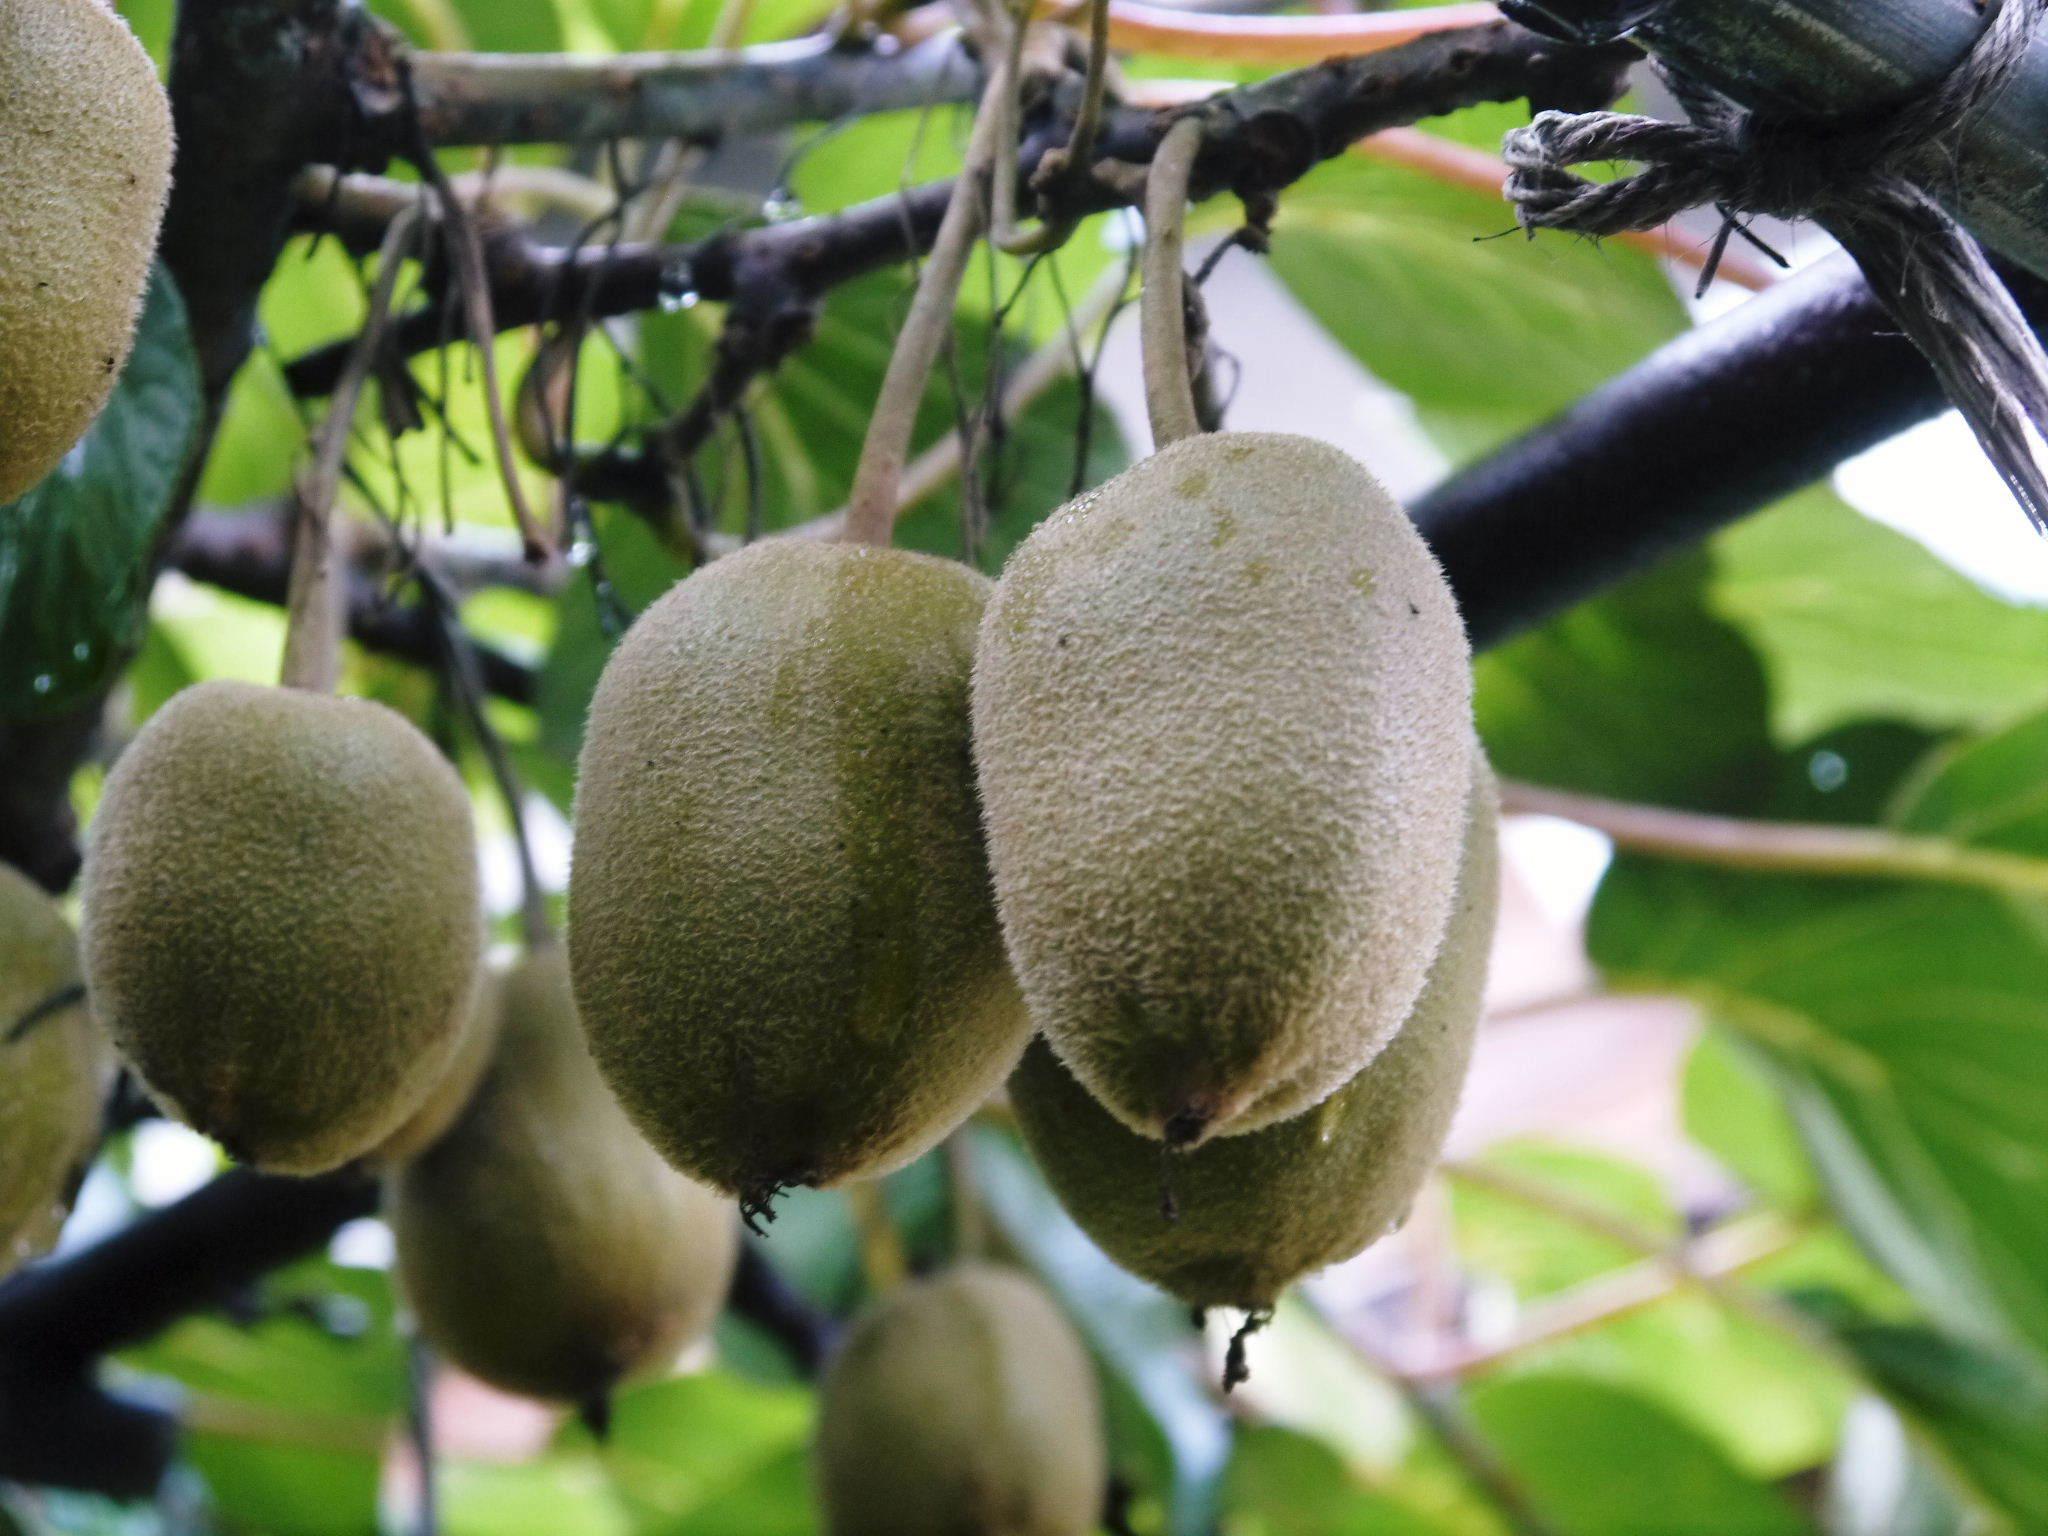 水源キウイ 今年(令和2年)も完全無農薬で育ててます!雨にも負けず元気に育ています!_a0254656_18352712.jpg